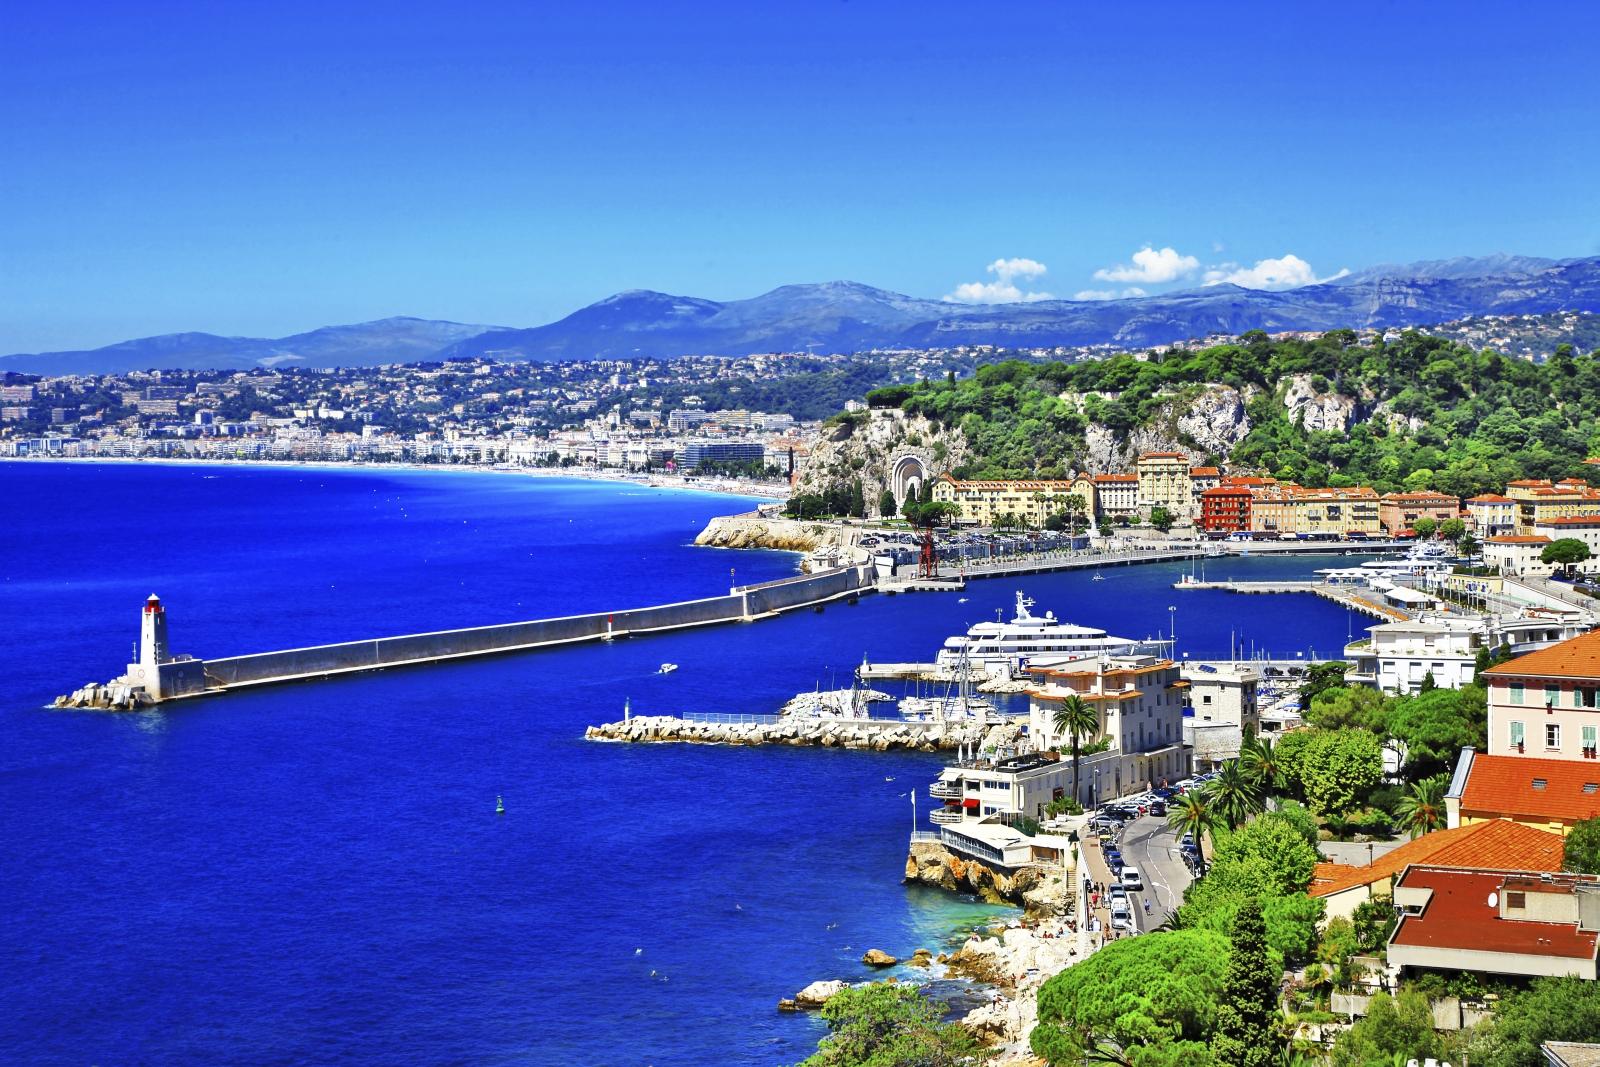 Der Tourismus an der Côte d'Azur (hier: Nizza) blieb trotz der Terror-Anschläge der vergangenen Zeit stabil.